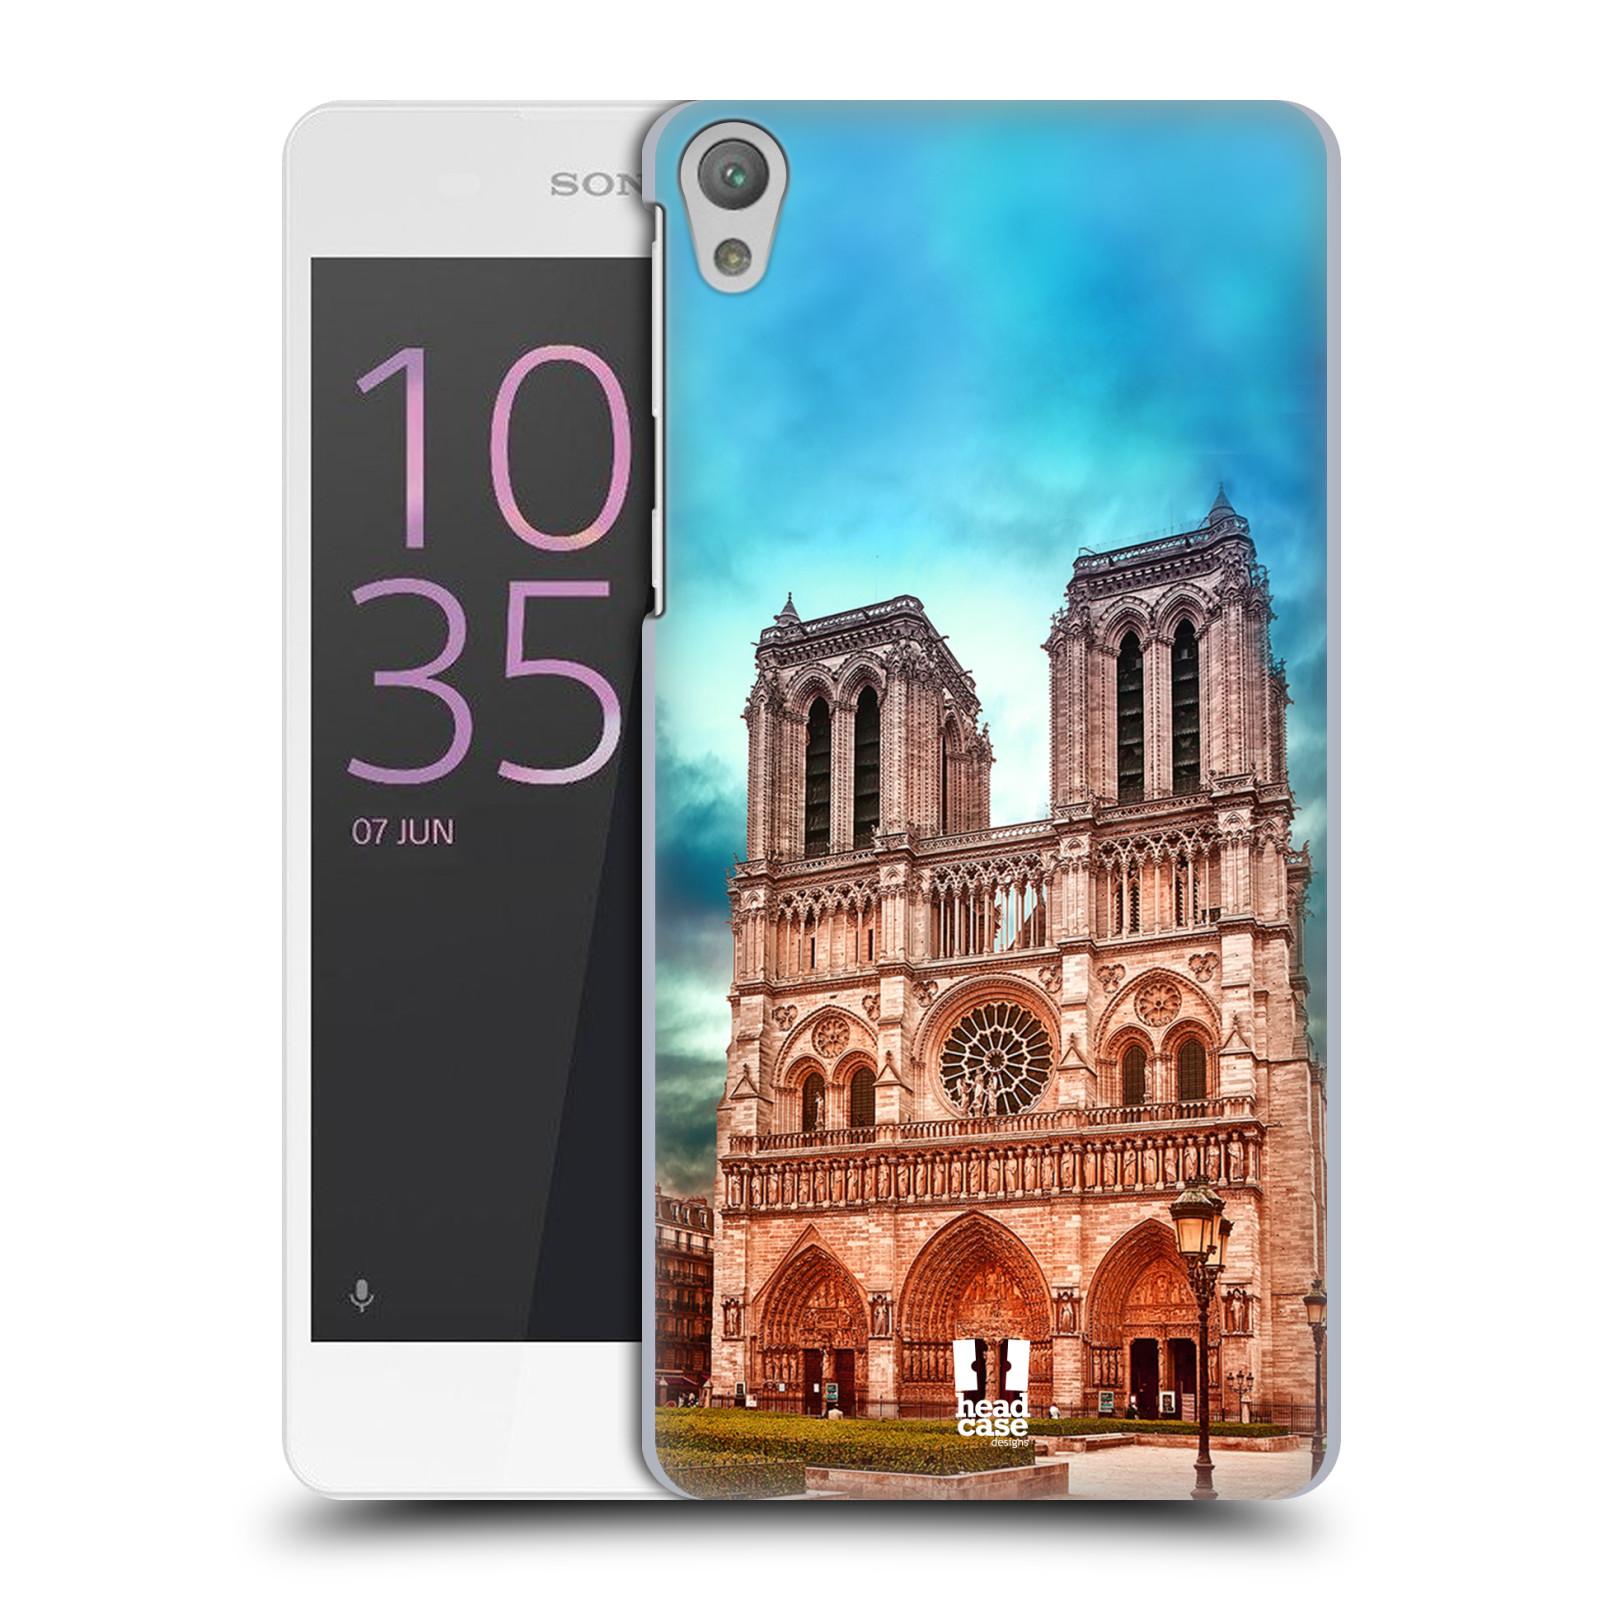 Pouzdro na mobil Sony Xperia E5 - HEAD CASE - historická místa katedrála Notre Dame